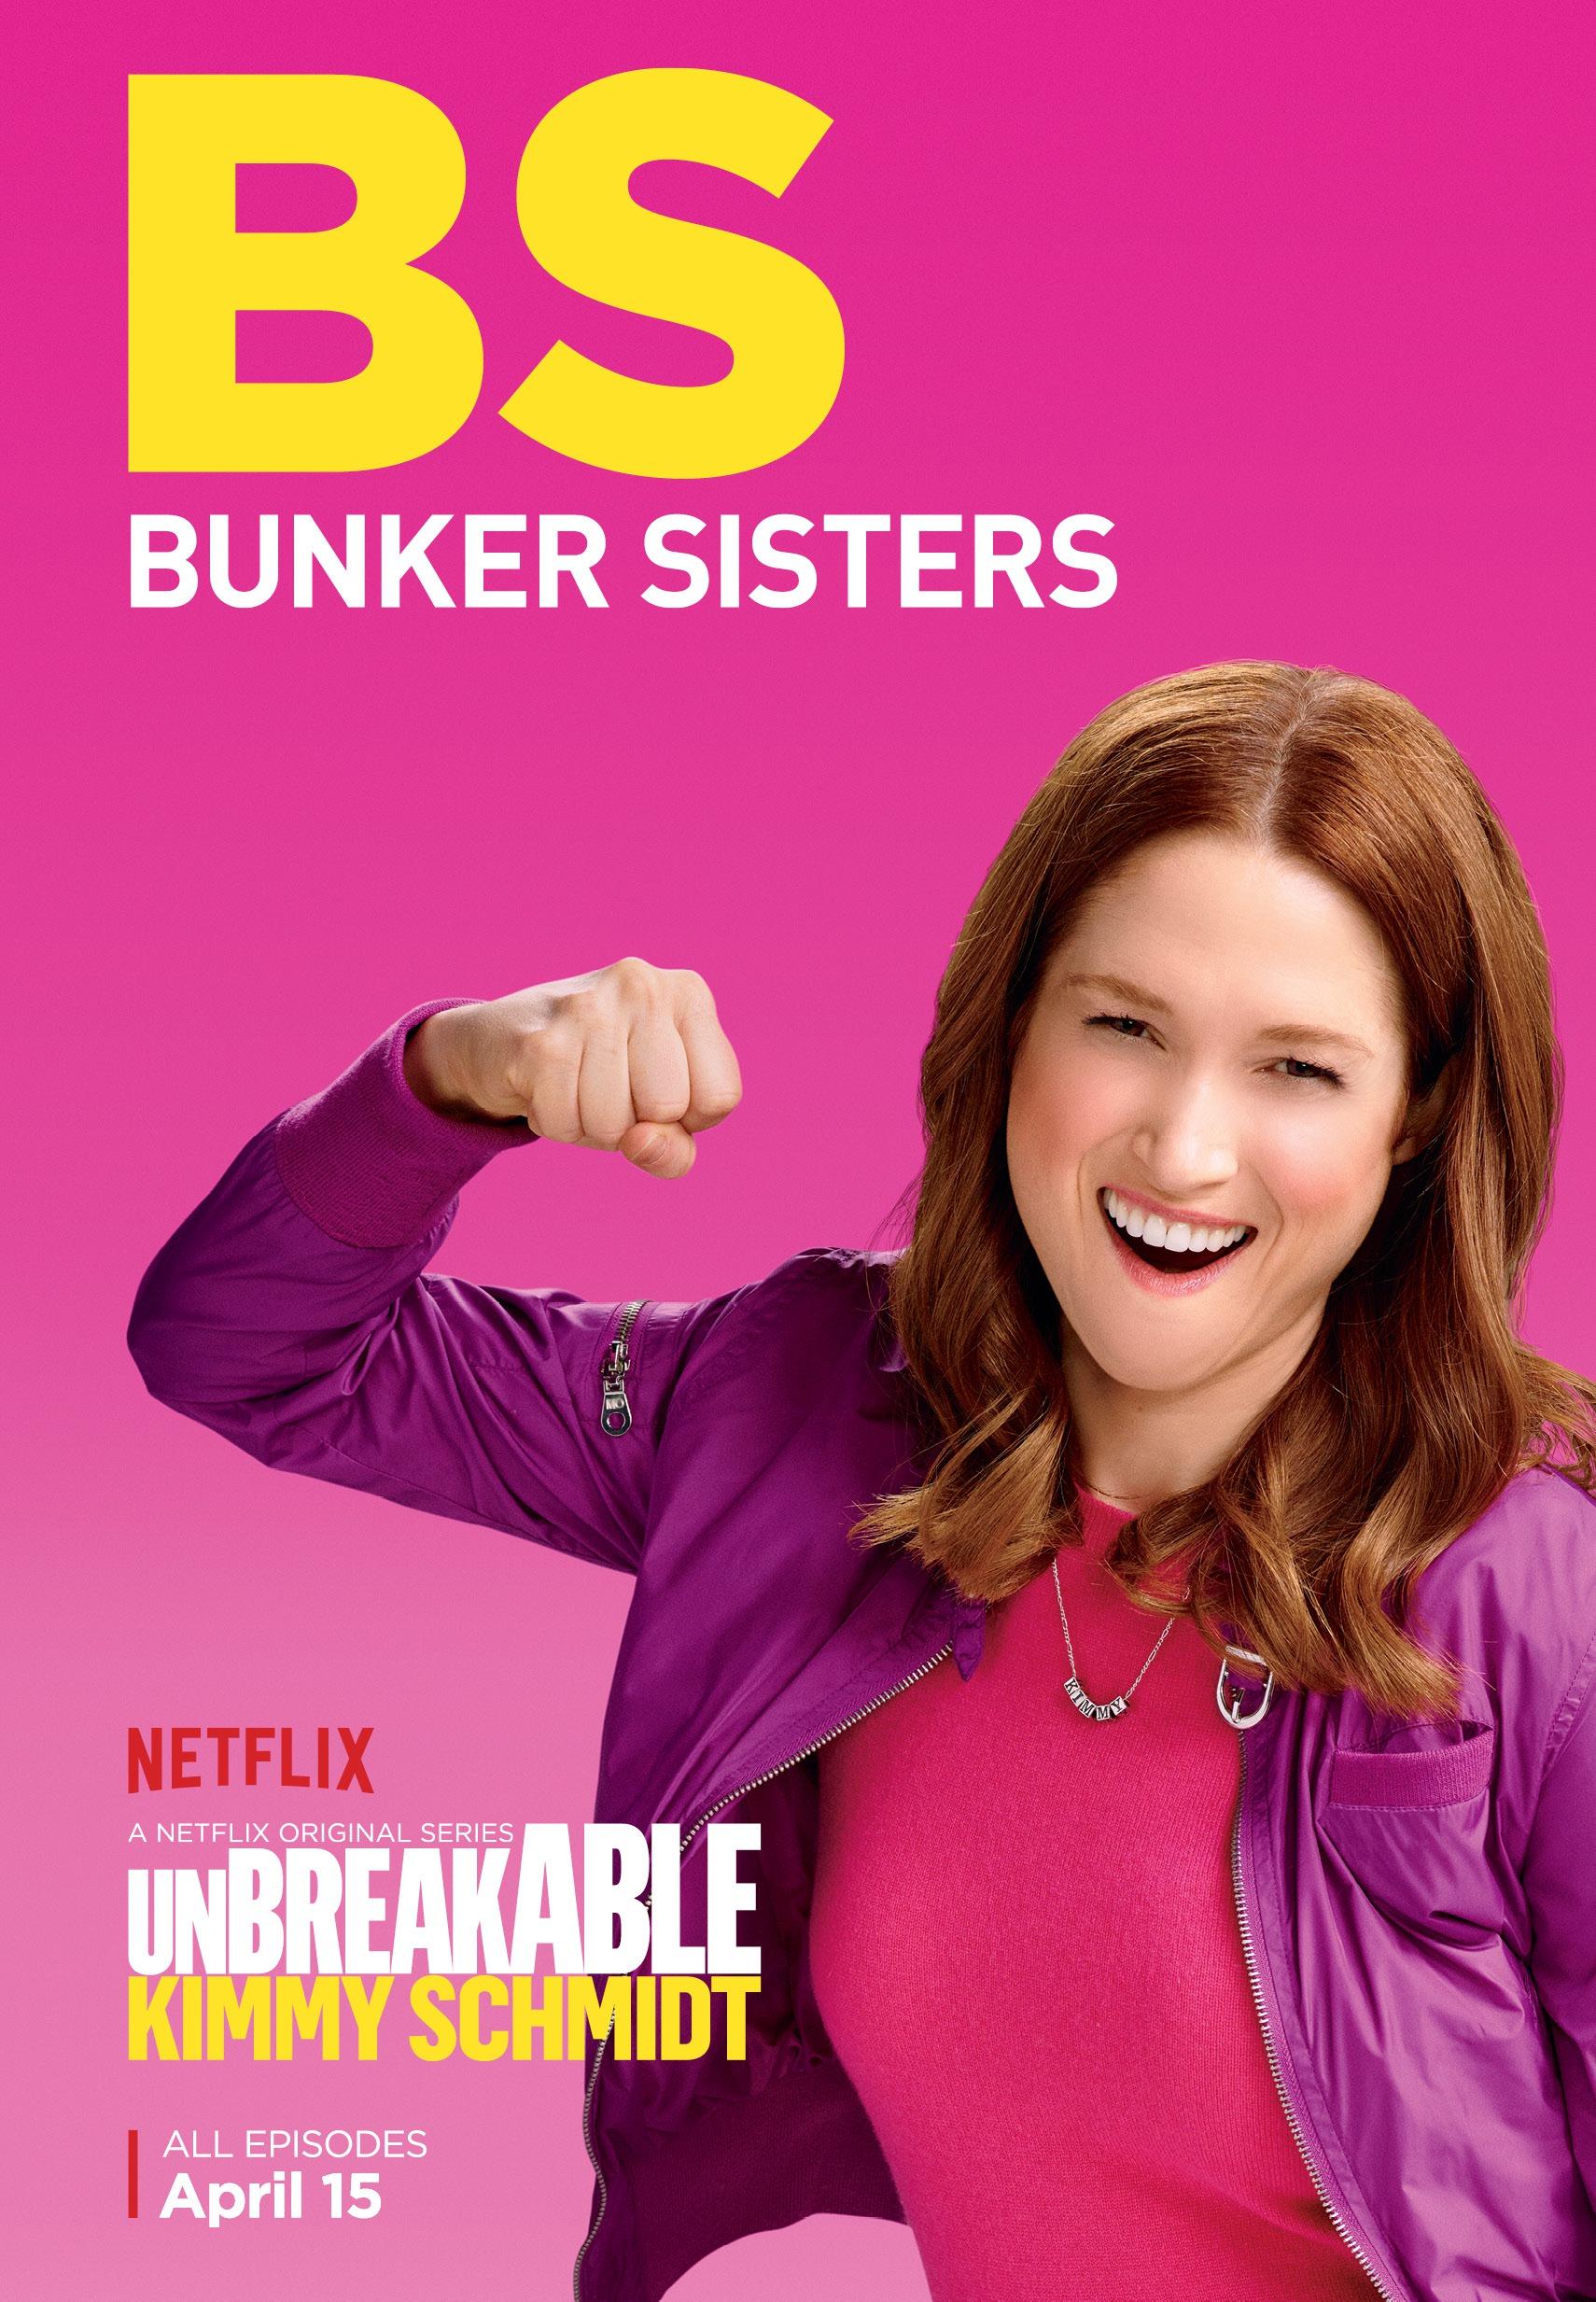 Unbreakable Kimmy Schmidt - Season 2 Poster - BS